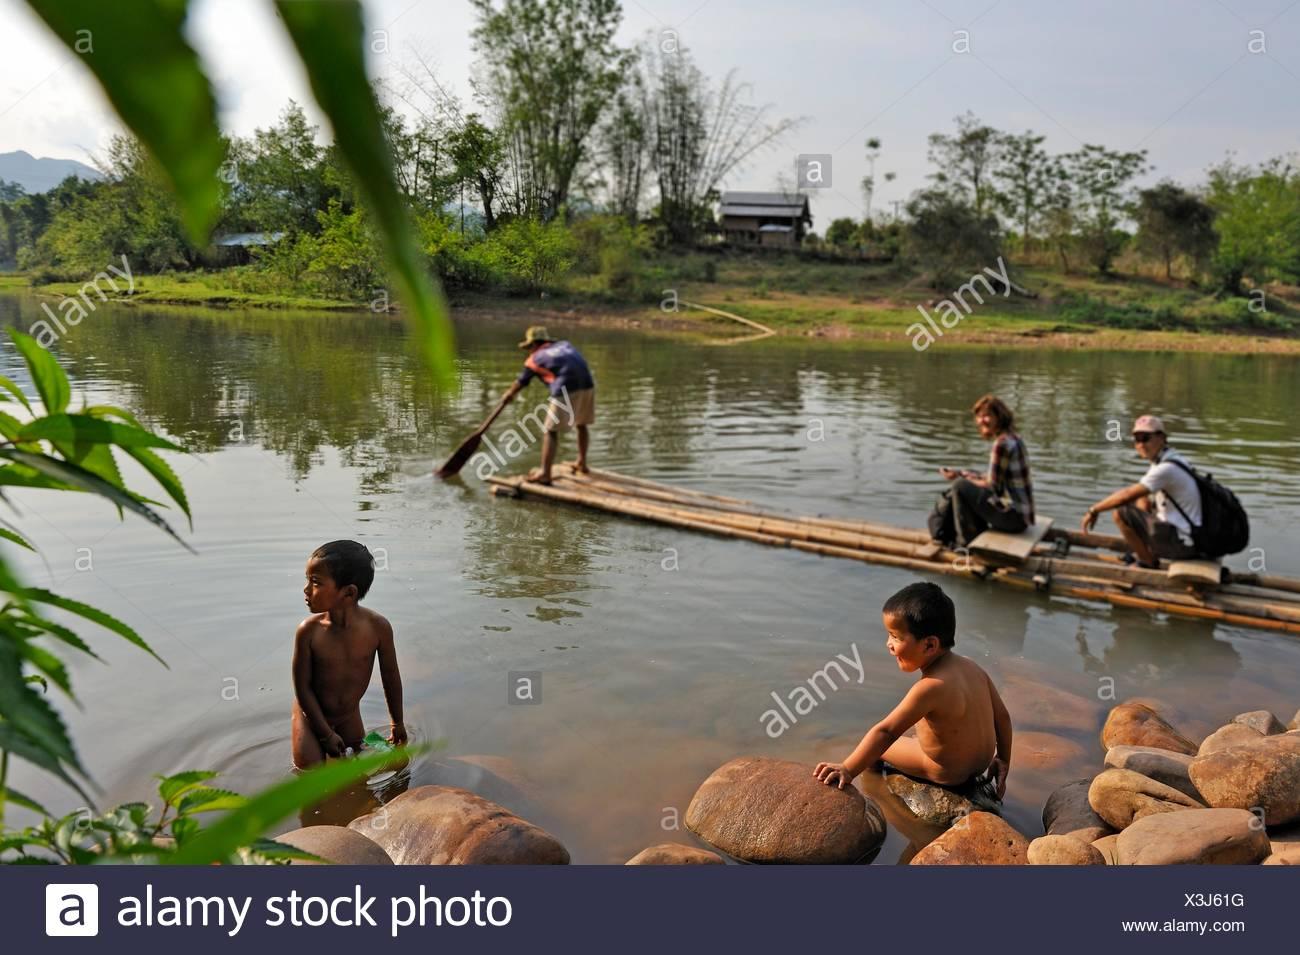 deux enfants jouant au bord de l 39 eau en radeau de bambou pour traverser la rivi re nam pak. Black Bedroom Furniture Sets. Home Design Ideas